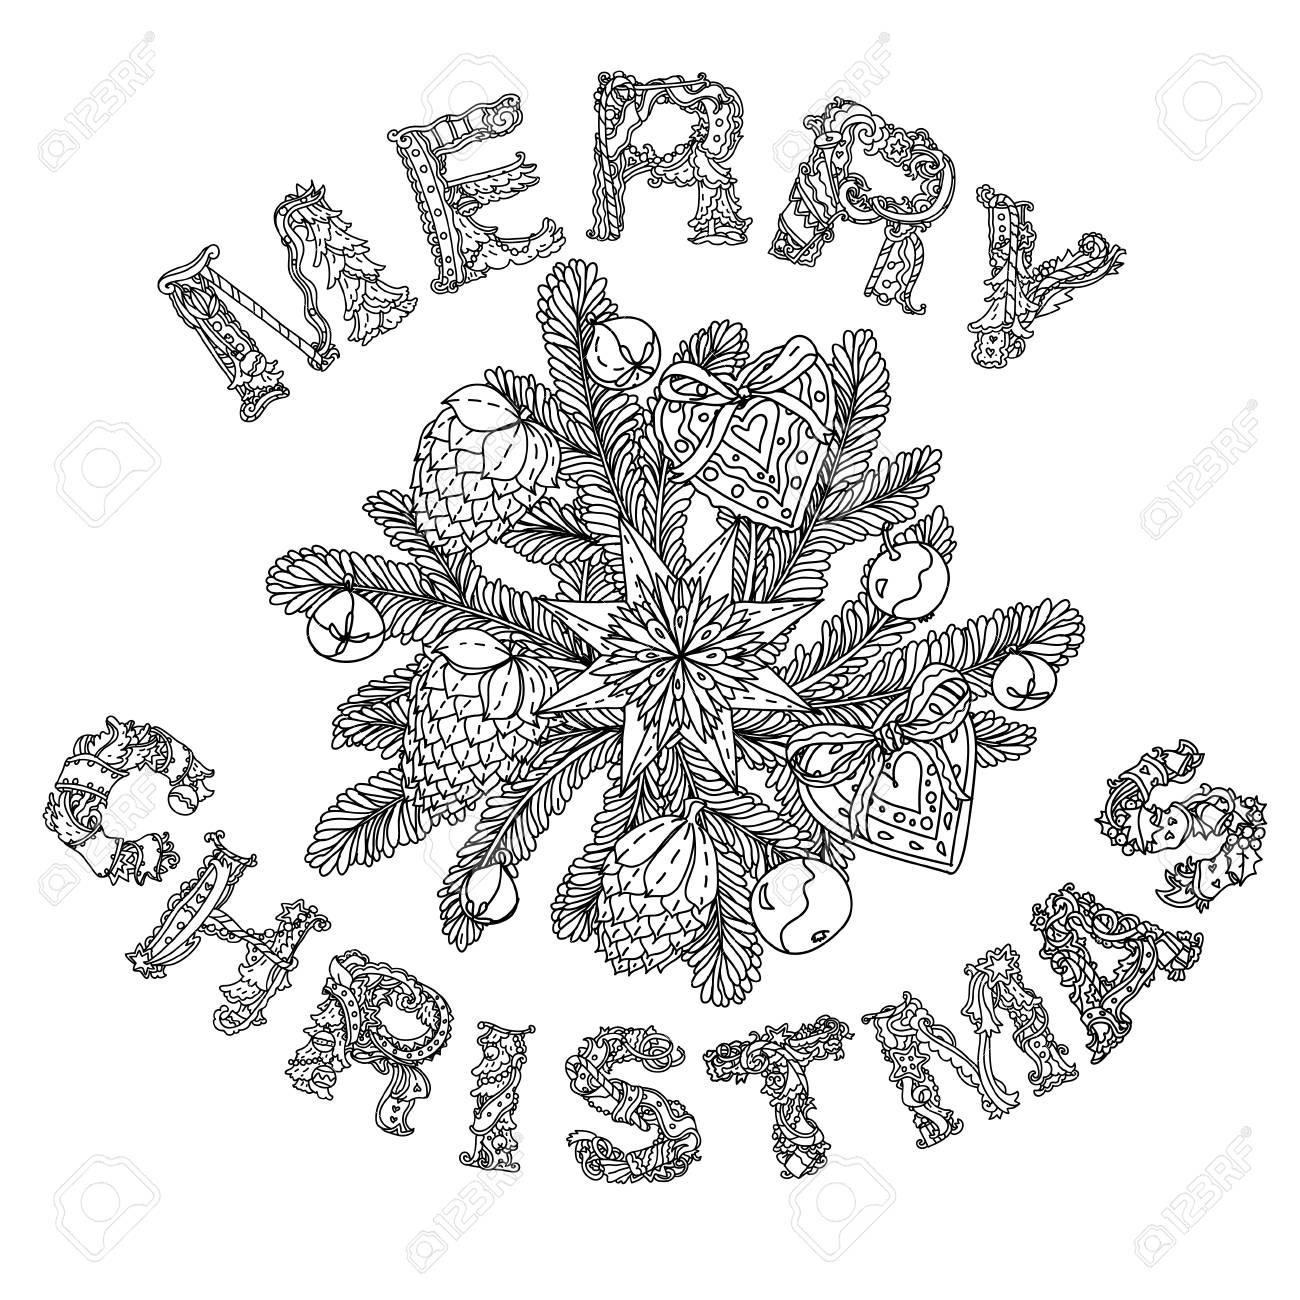 Doodle Frohe Weihnachten, Schriftzug Grußkarte Design .illustration ...